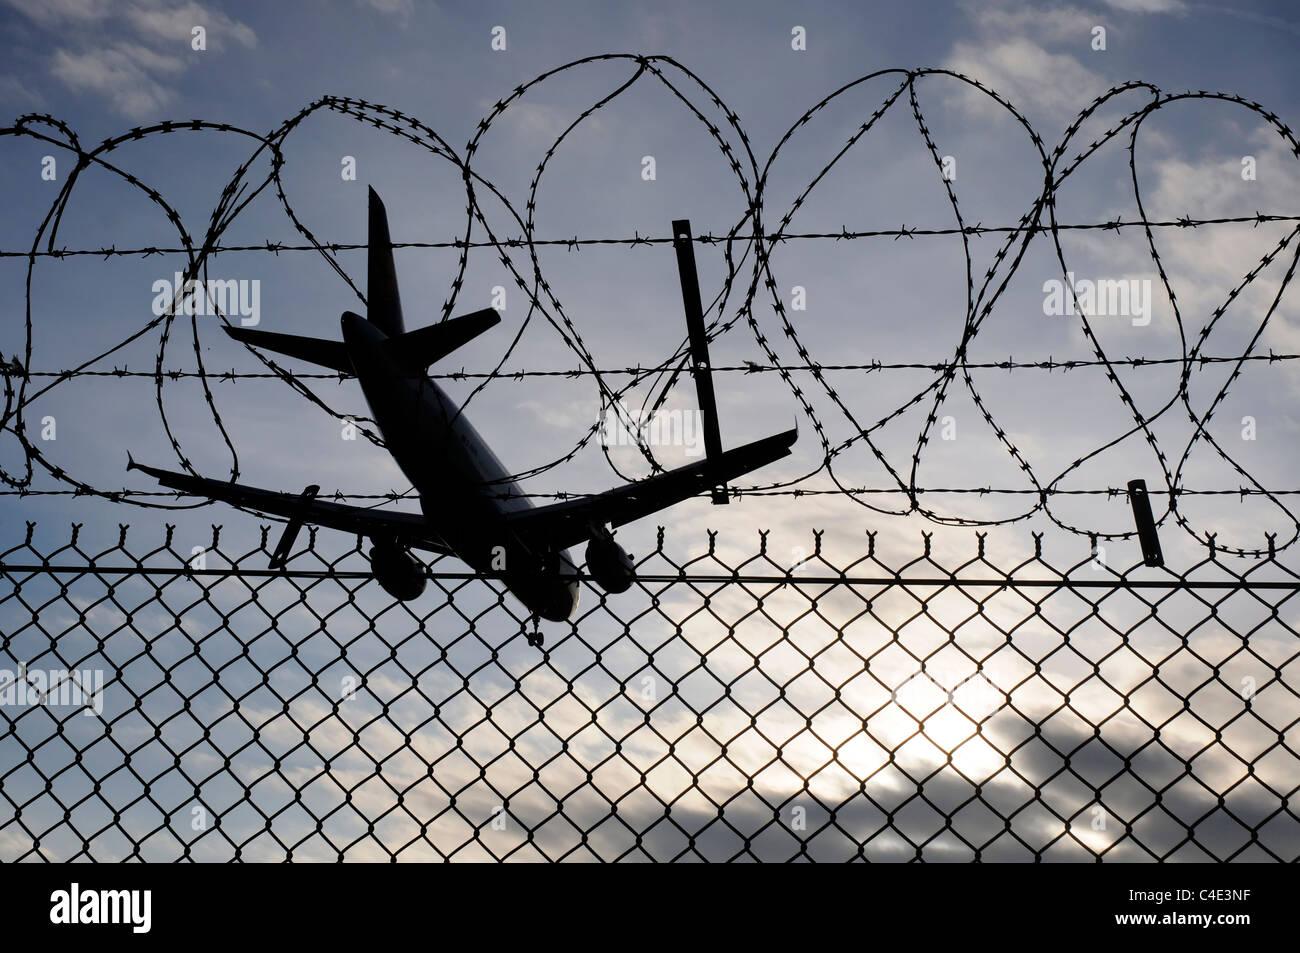 Un piano di sbarco che attraversa il filo spinato recinzioni perimetrali all'Aeroporto di Londra Heathrow Immagini Stock